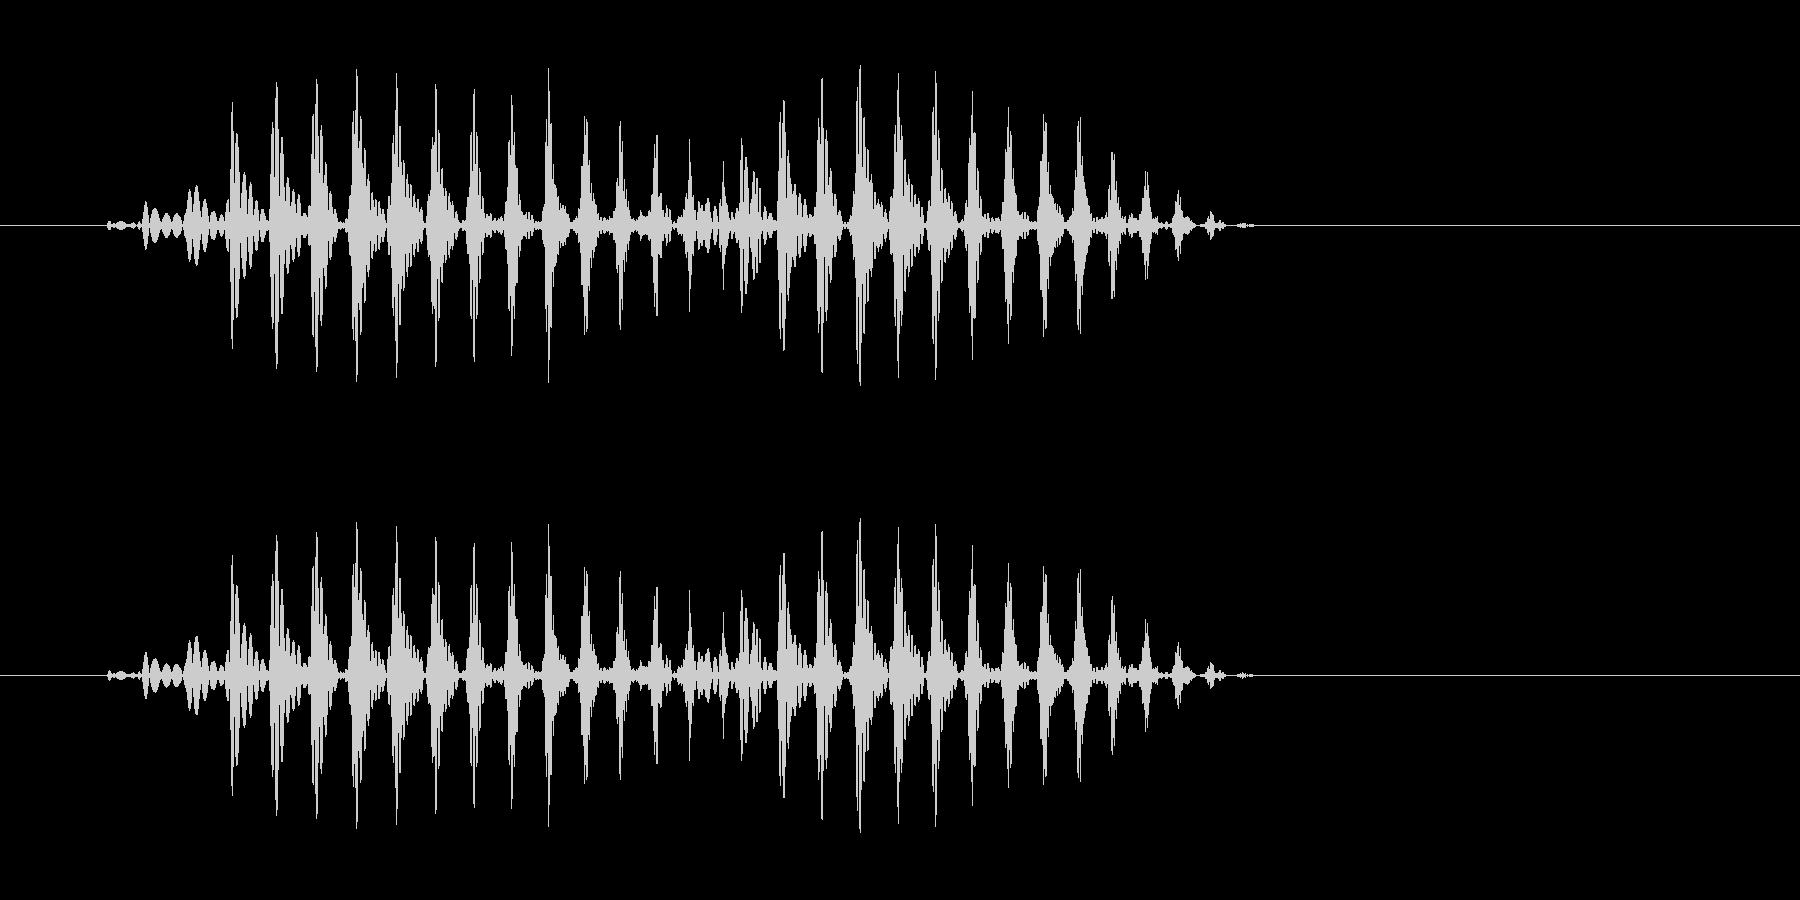 パバ(高速で中音の音)の未再生の波形